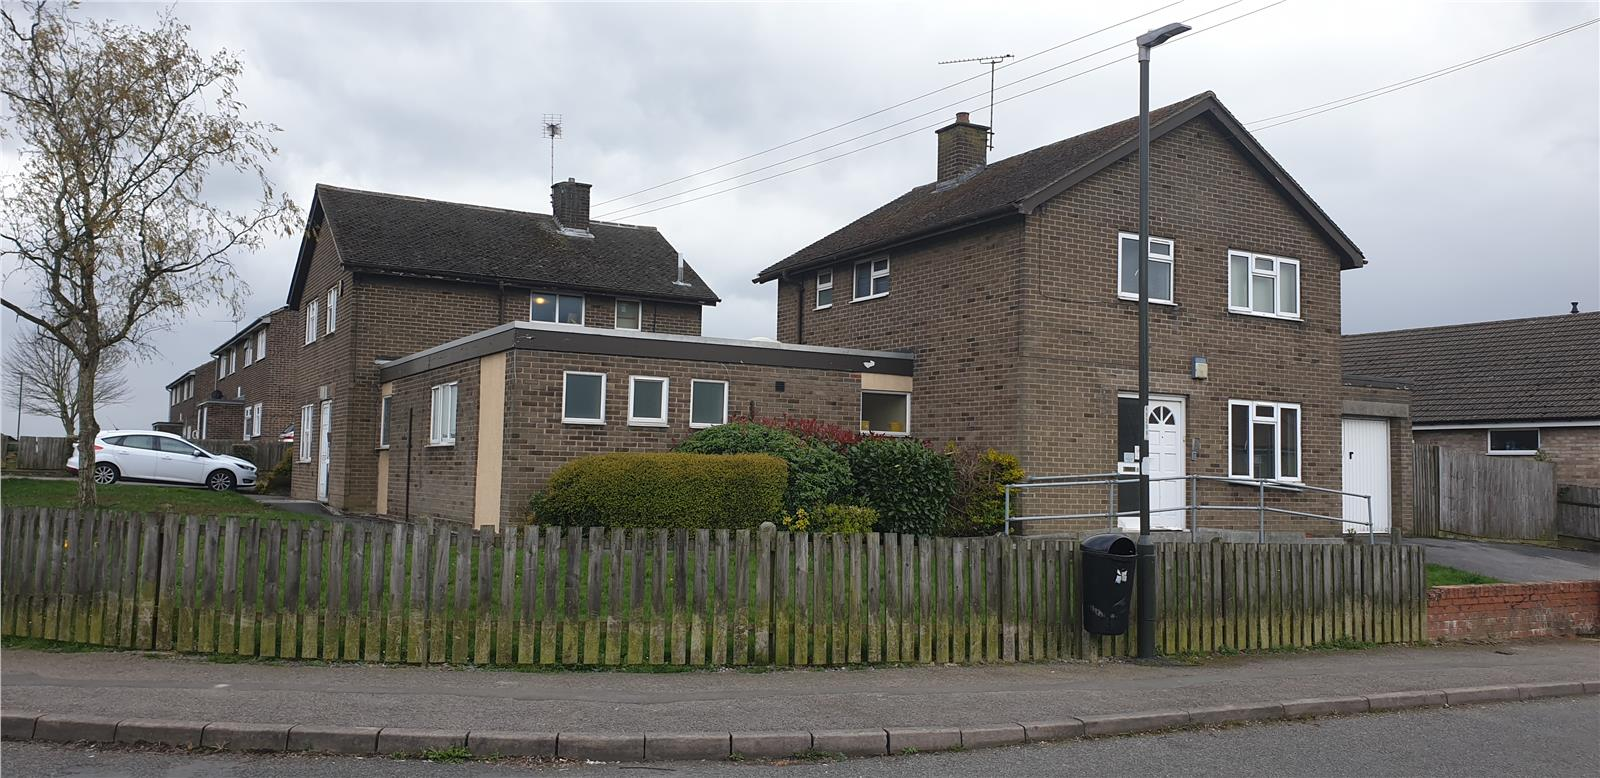 Millfield House, 85 Mill Lane & 2 Field Street, Codnor, Derbyshire, DE5